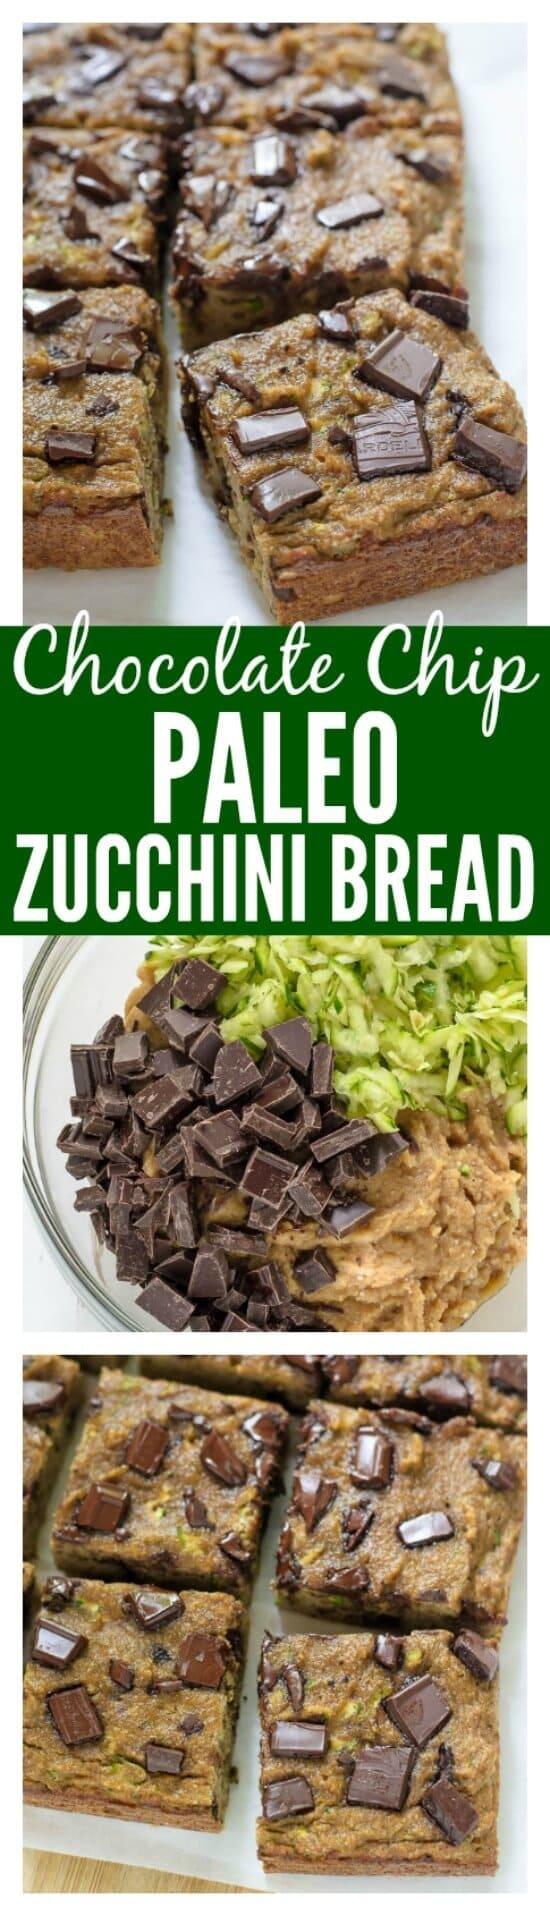 Chocolate Chip Paleo Zucchini Bread. Grain free, dairy free, and naturally sweetened! #paleo #dairyfree #grainfree #cleaneating